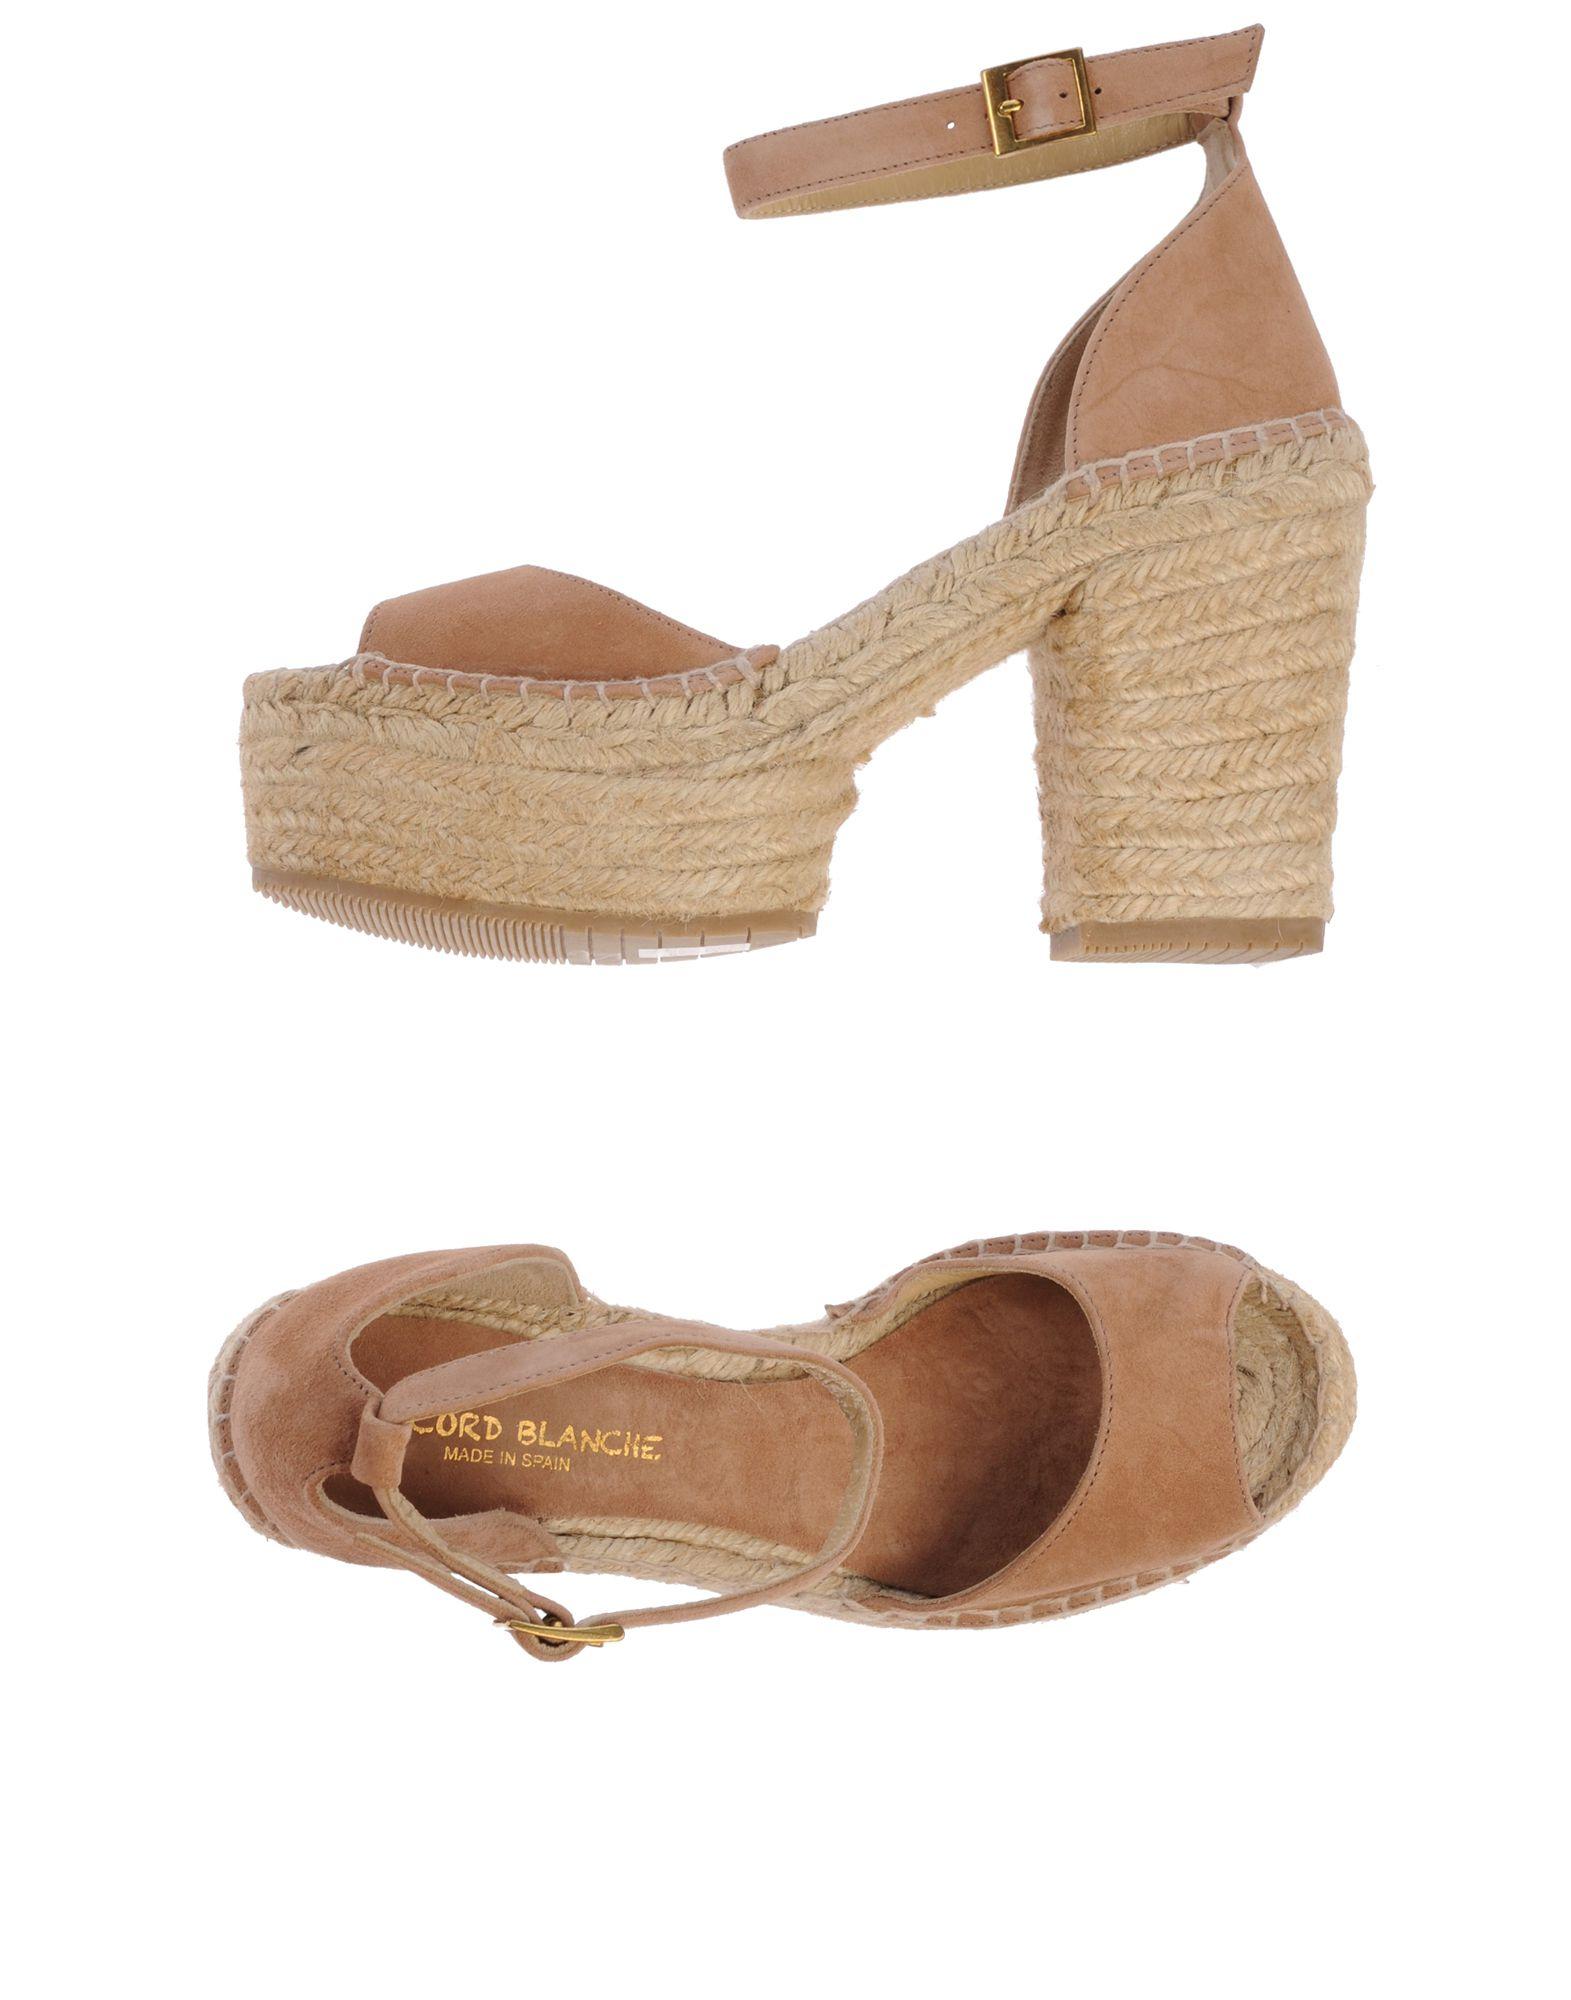 Gut Blanche um billige Schuhe zu tragenLa Corde Blanche Gut Espadrilles Damen  44760216SV f07224